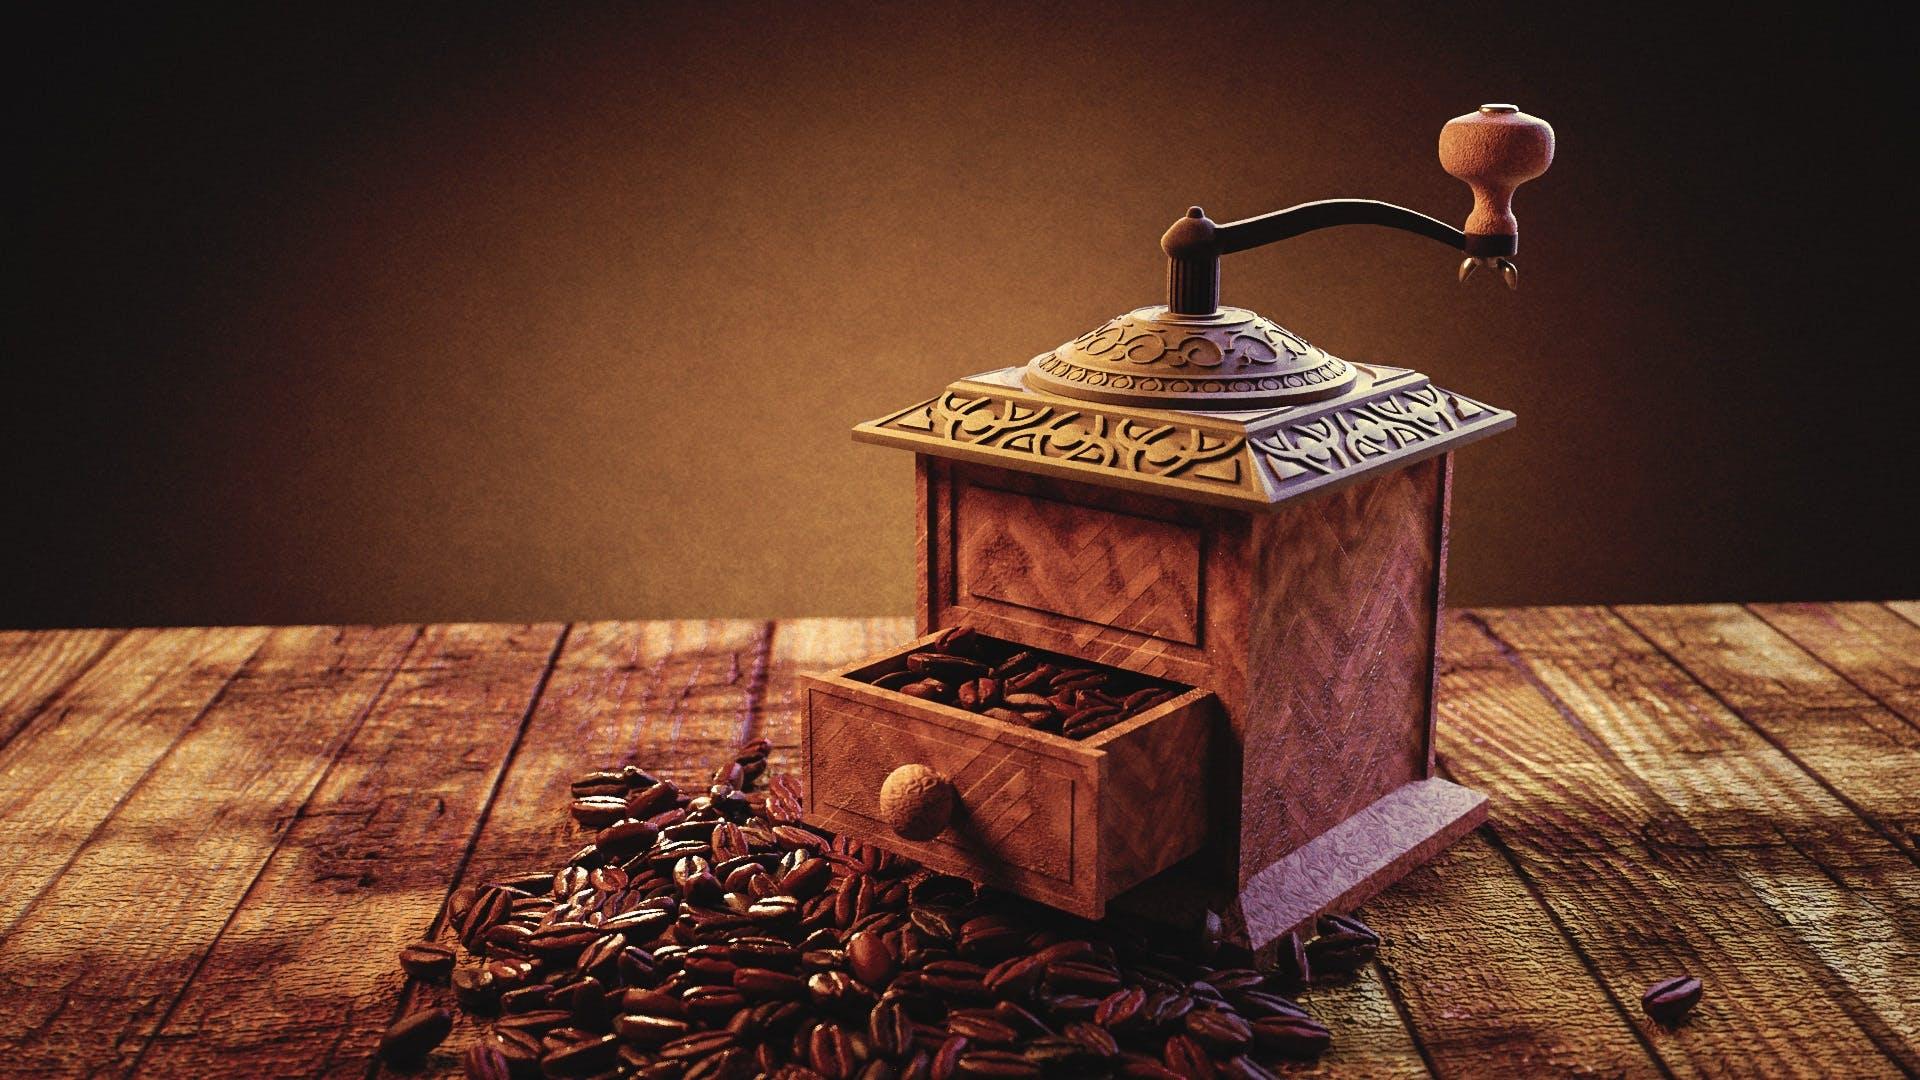 Vintage Orange Coffee Grinder